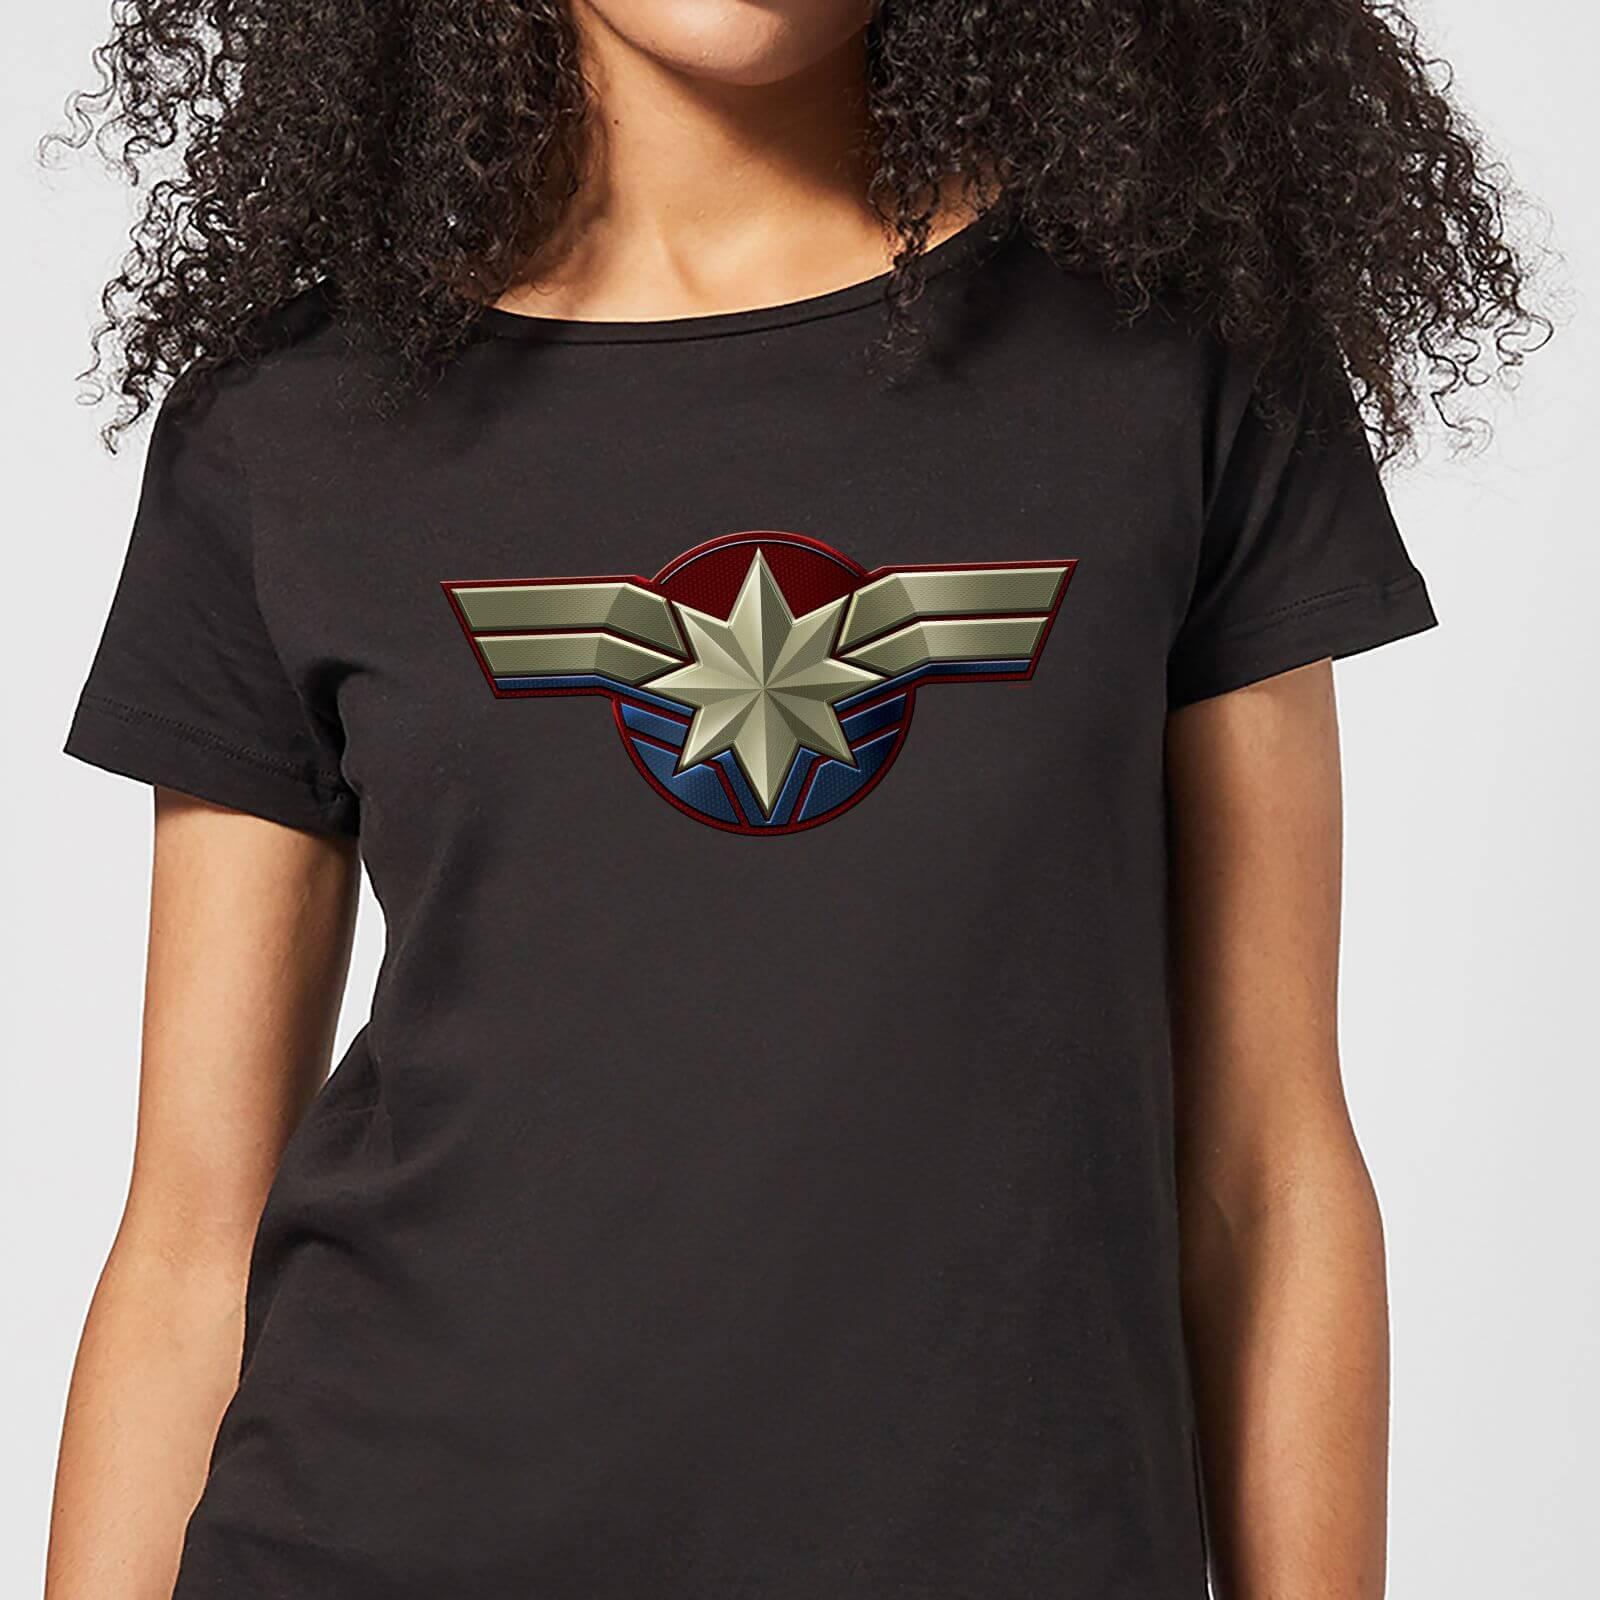 00f26d94734 Captain Marvel Chest Emblem Women s T-Shirt - Black Clothing